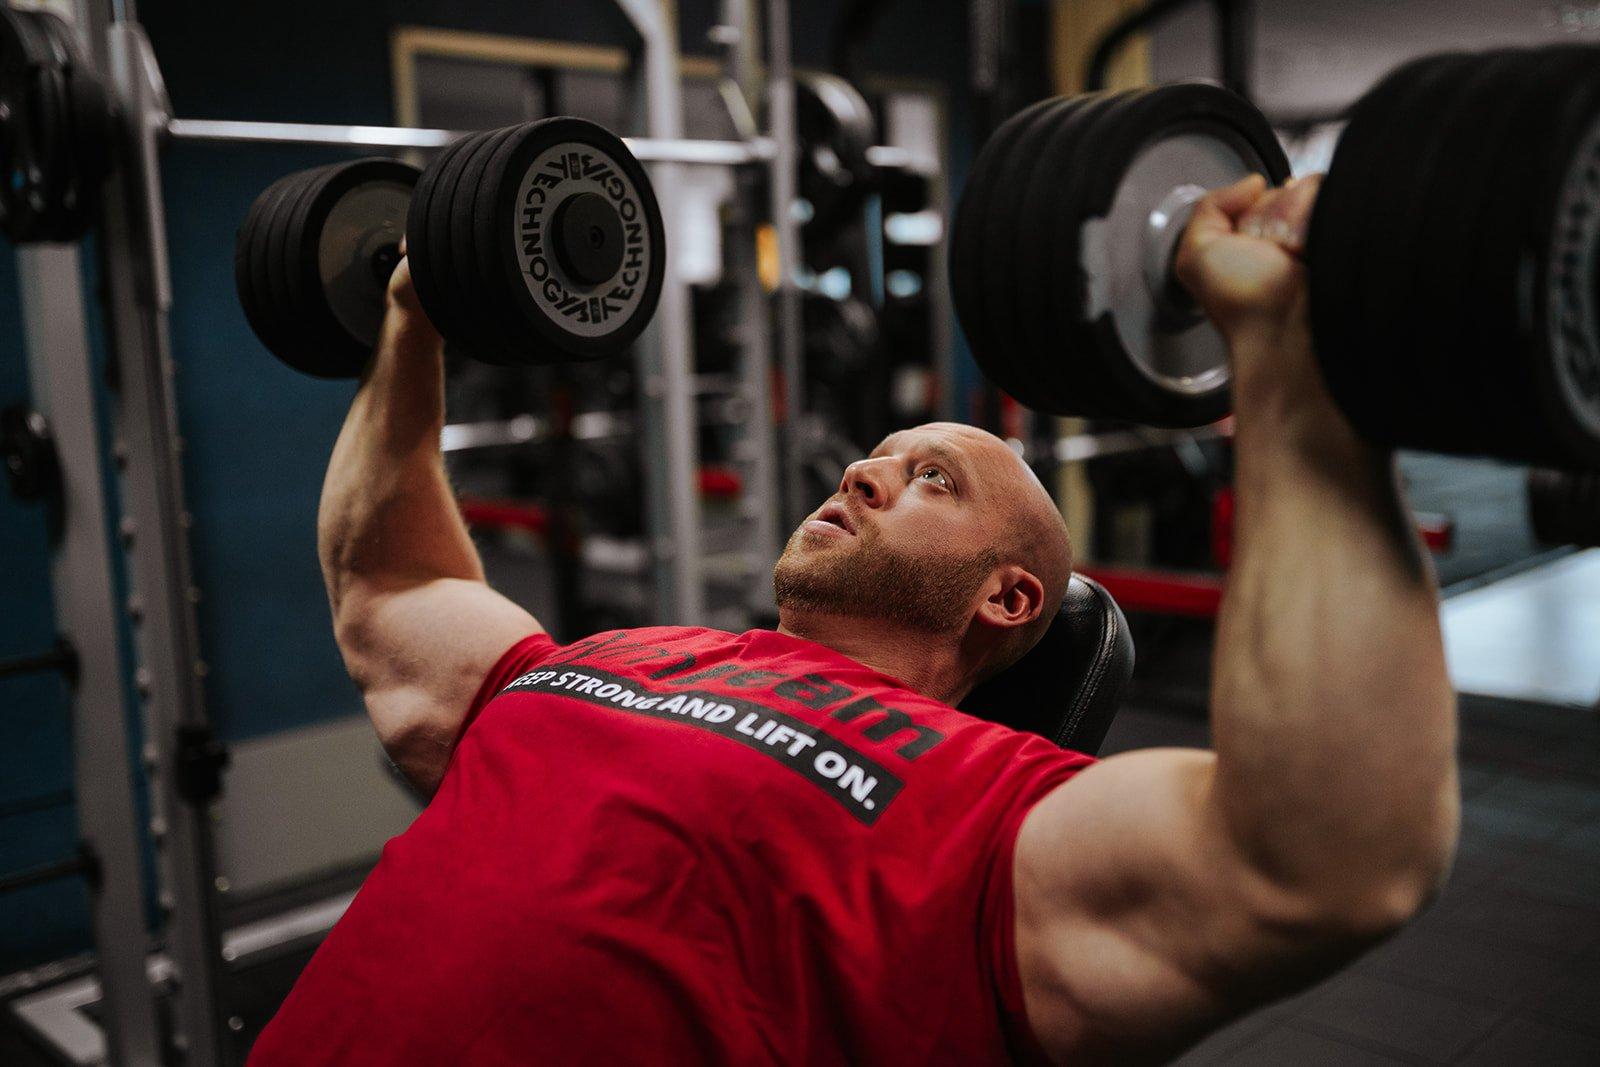 Greutăți pierderea de grăsime, Slăbitul din greutate Vs. slăbitul din grăsime | Care e diferența?